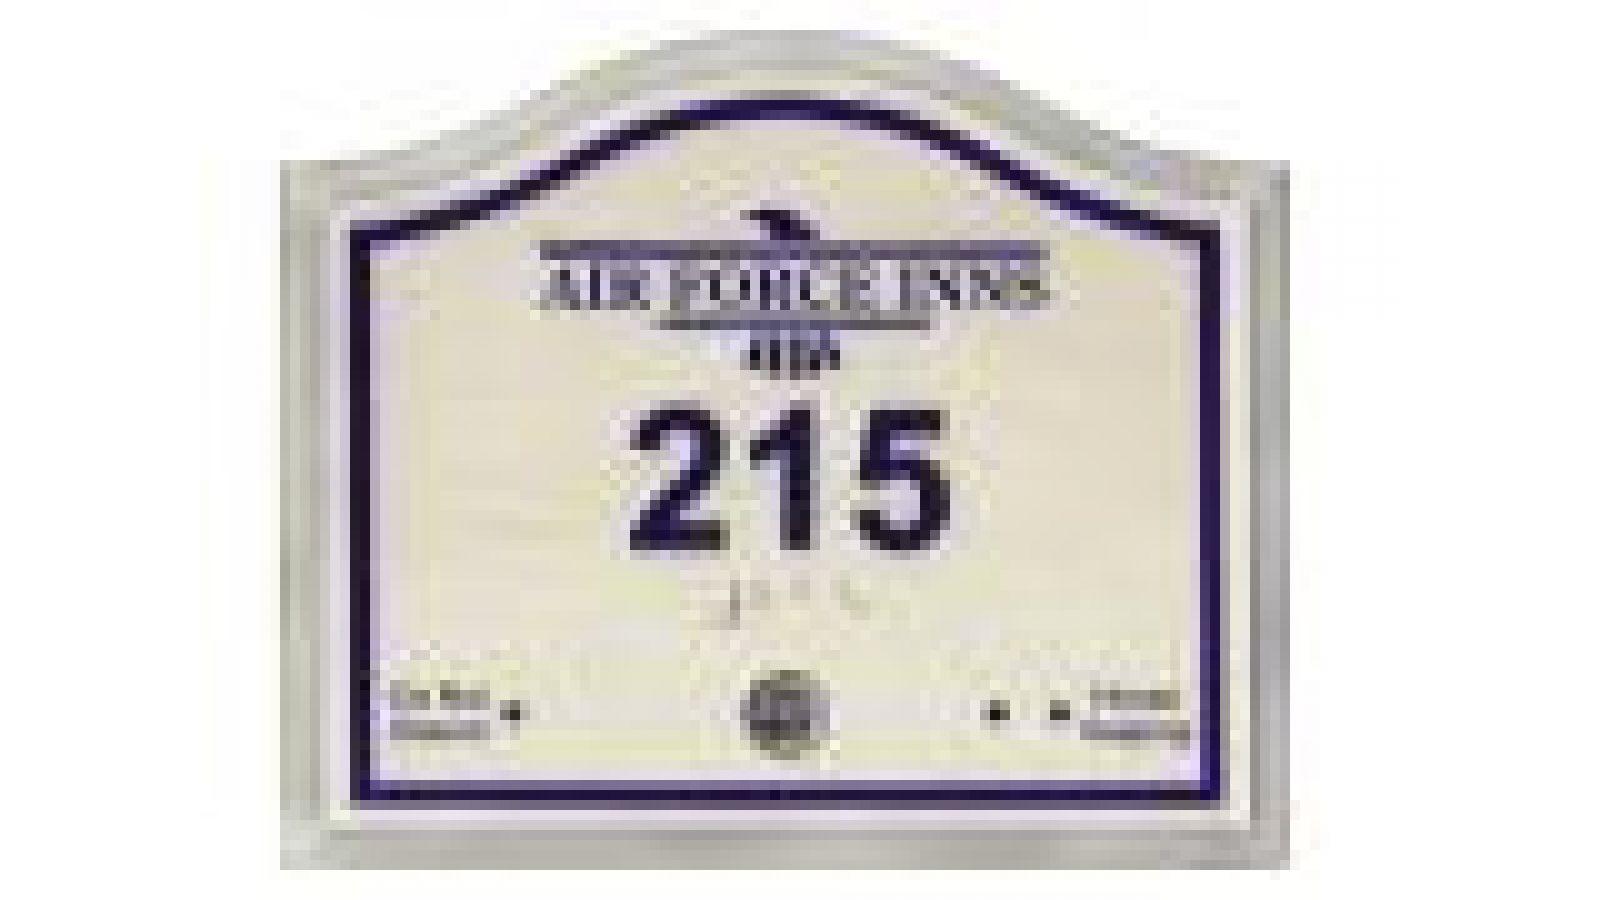 sl_airforce